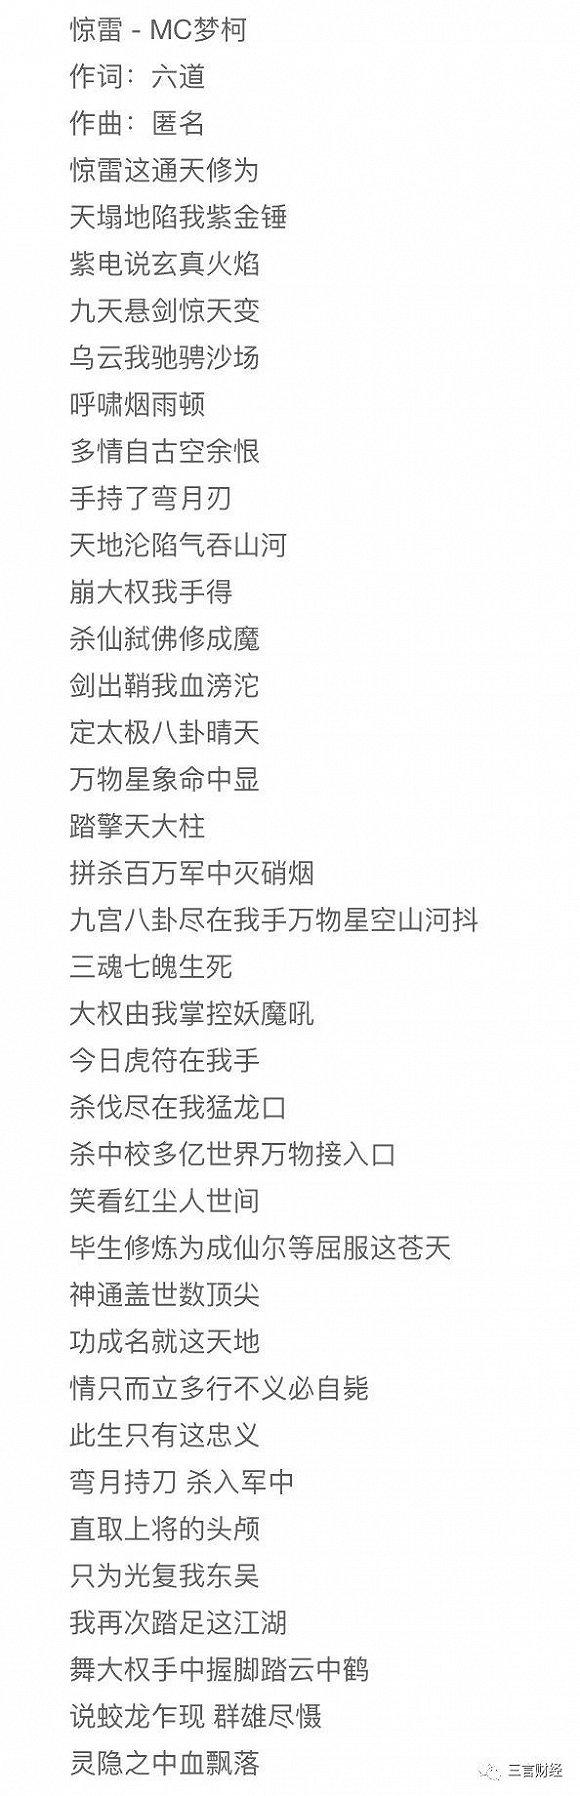 杨丞琳潘玮柏合影喊麦惊雷歌词另类喊麦惊雷刷屏全网网红纷纷翻唱太震撼了